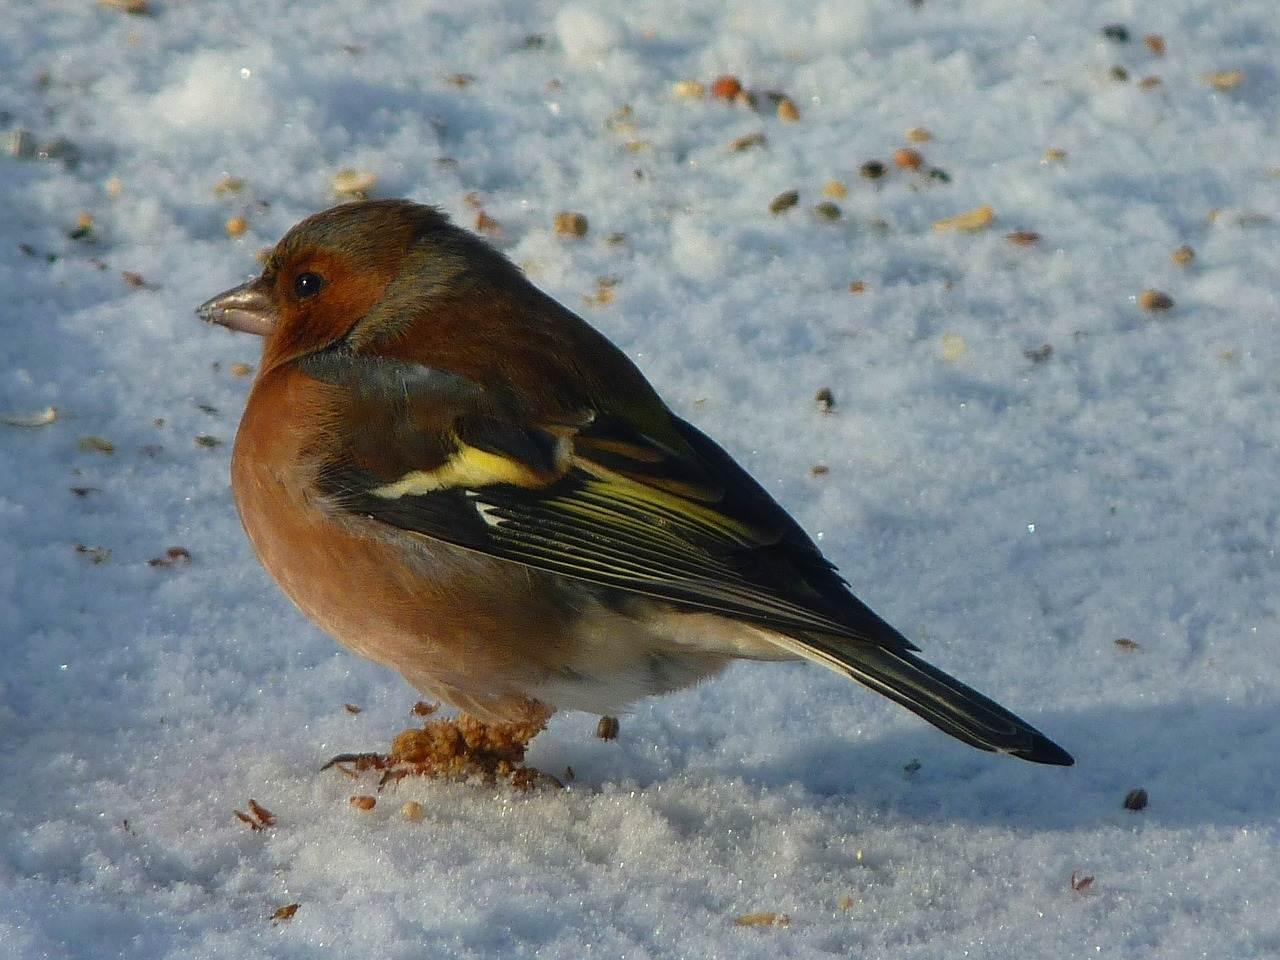 zieba 1 - Dokarmianie ptaków